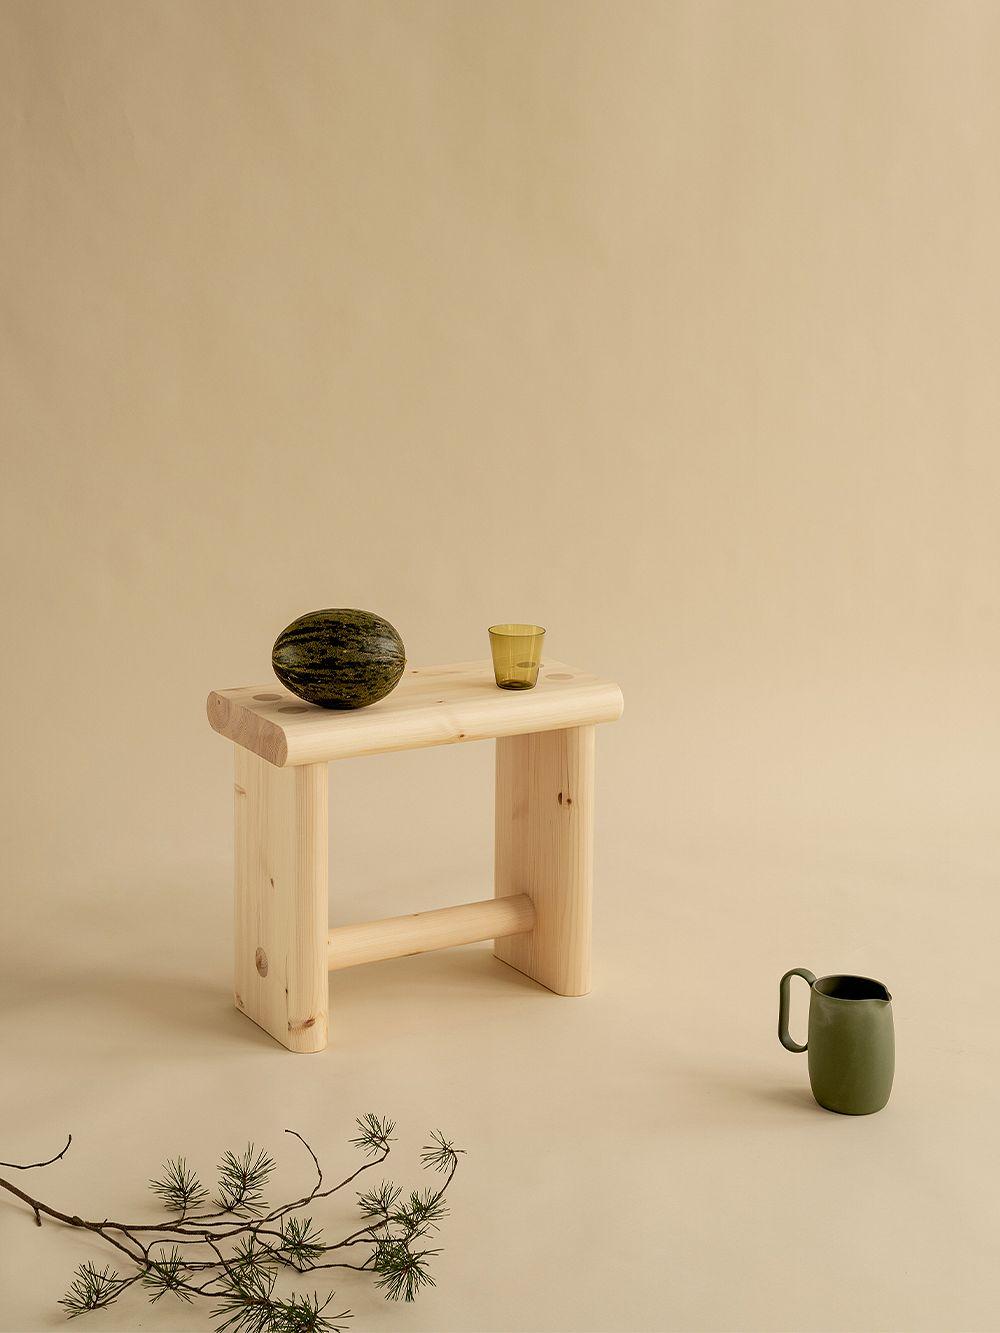 Vaarnii 003 Ast stool, pine